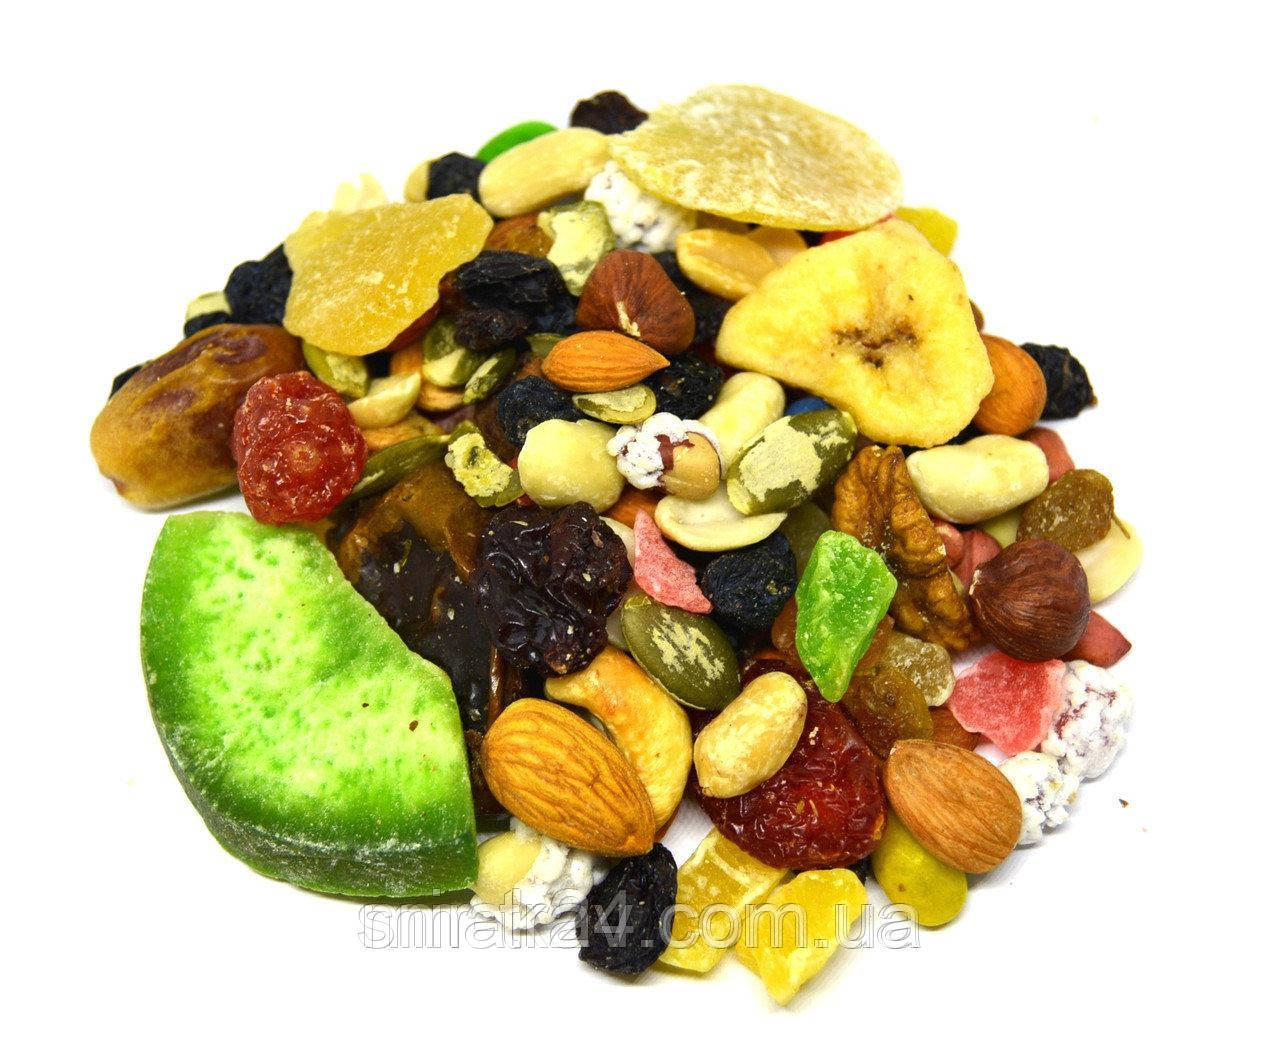 Ассорти орехов, сухофруктов и цукатов, 1 кг